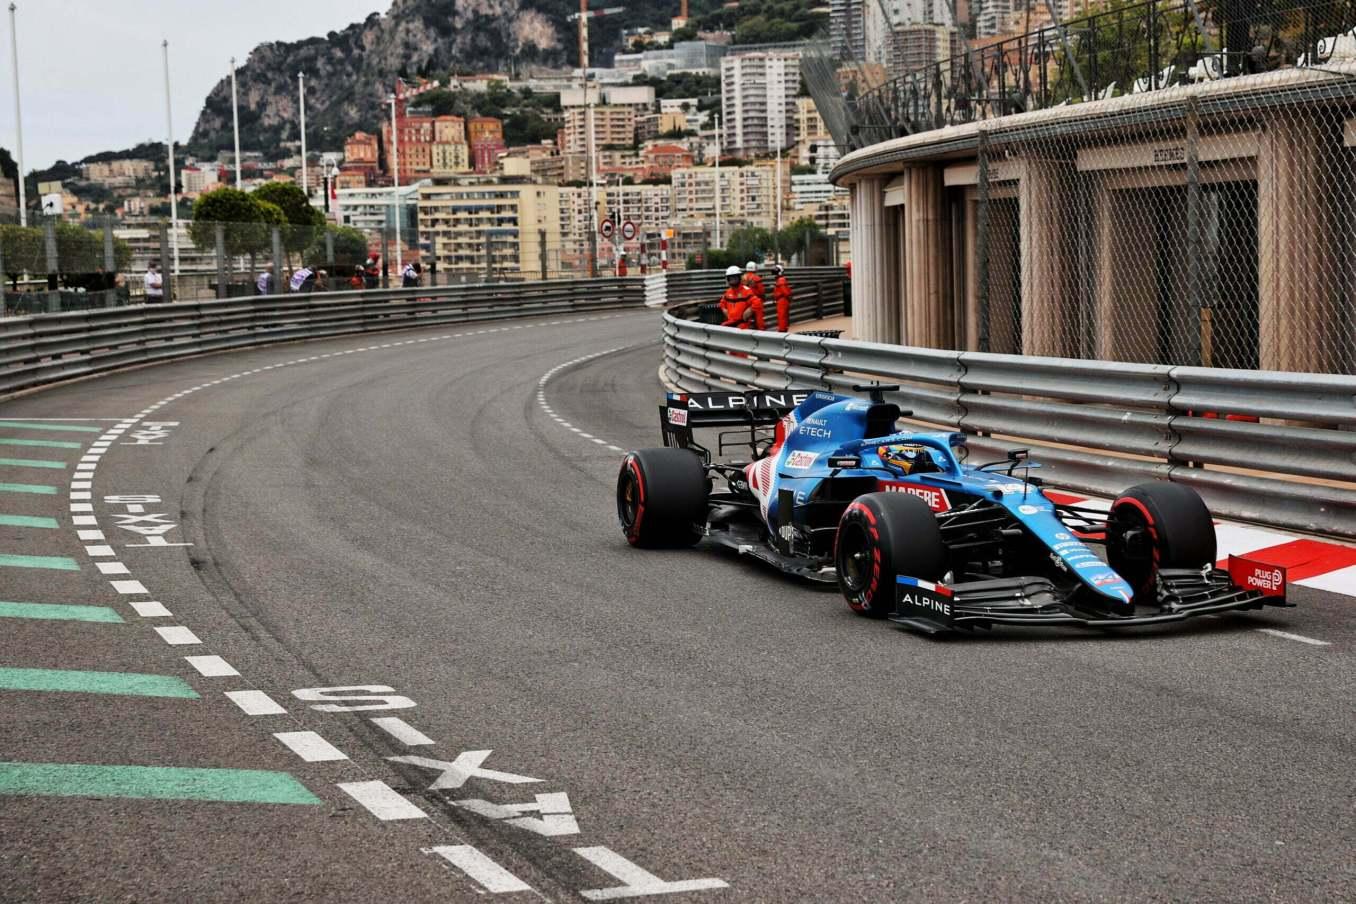 Alpine F1 Qualifications A521 Monaco Alonso Ocon 2021 1 scaled | Alpine F1 inscrit deux points au Grand Prix de Formule 1 de Monaco 2021